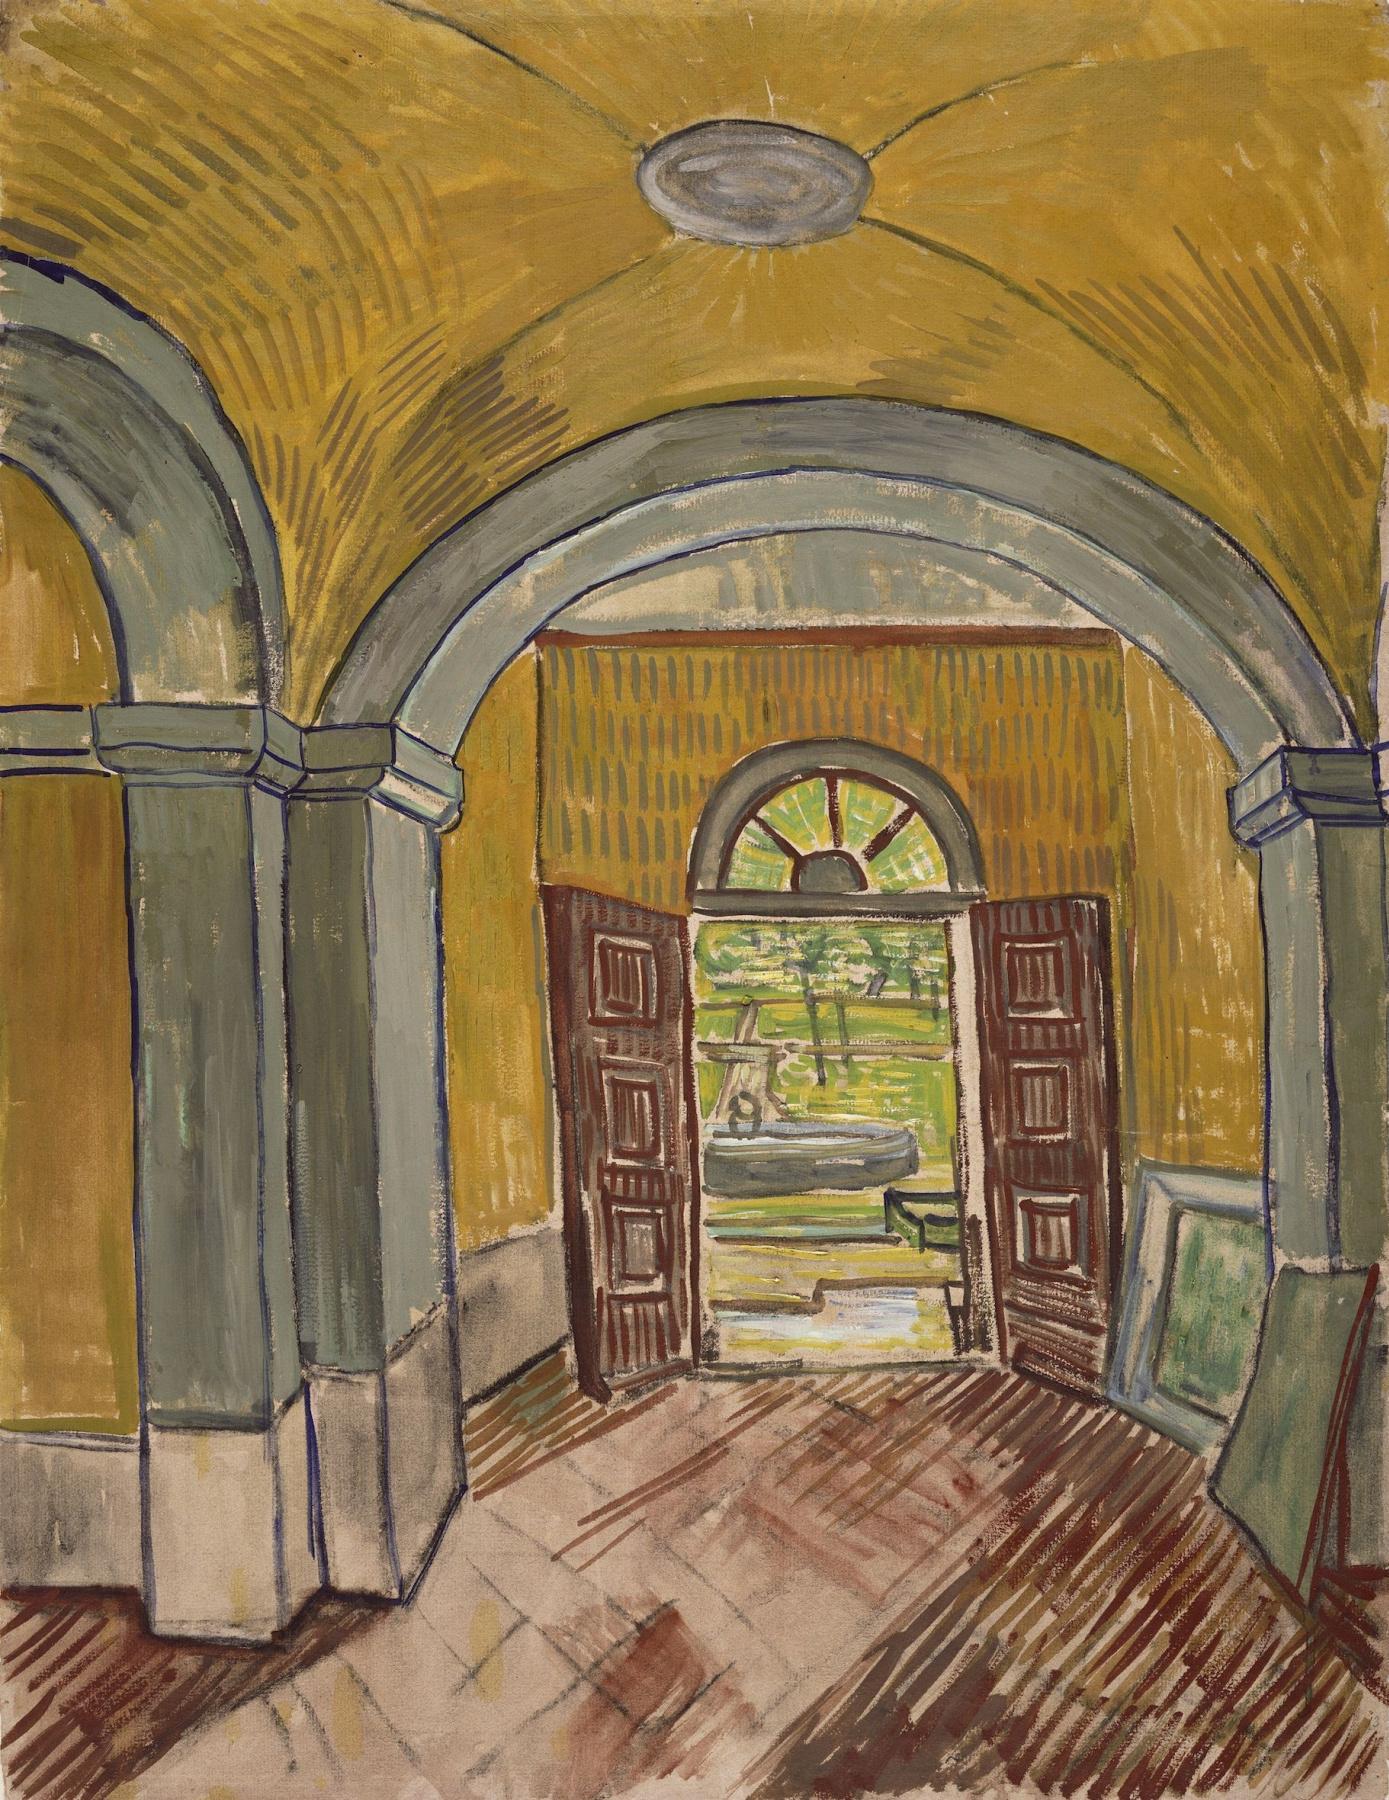 Лето, Арль, музей Ван Гога: на выставке показывают необыкновенные рисунки гения